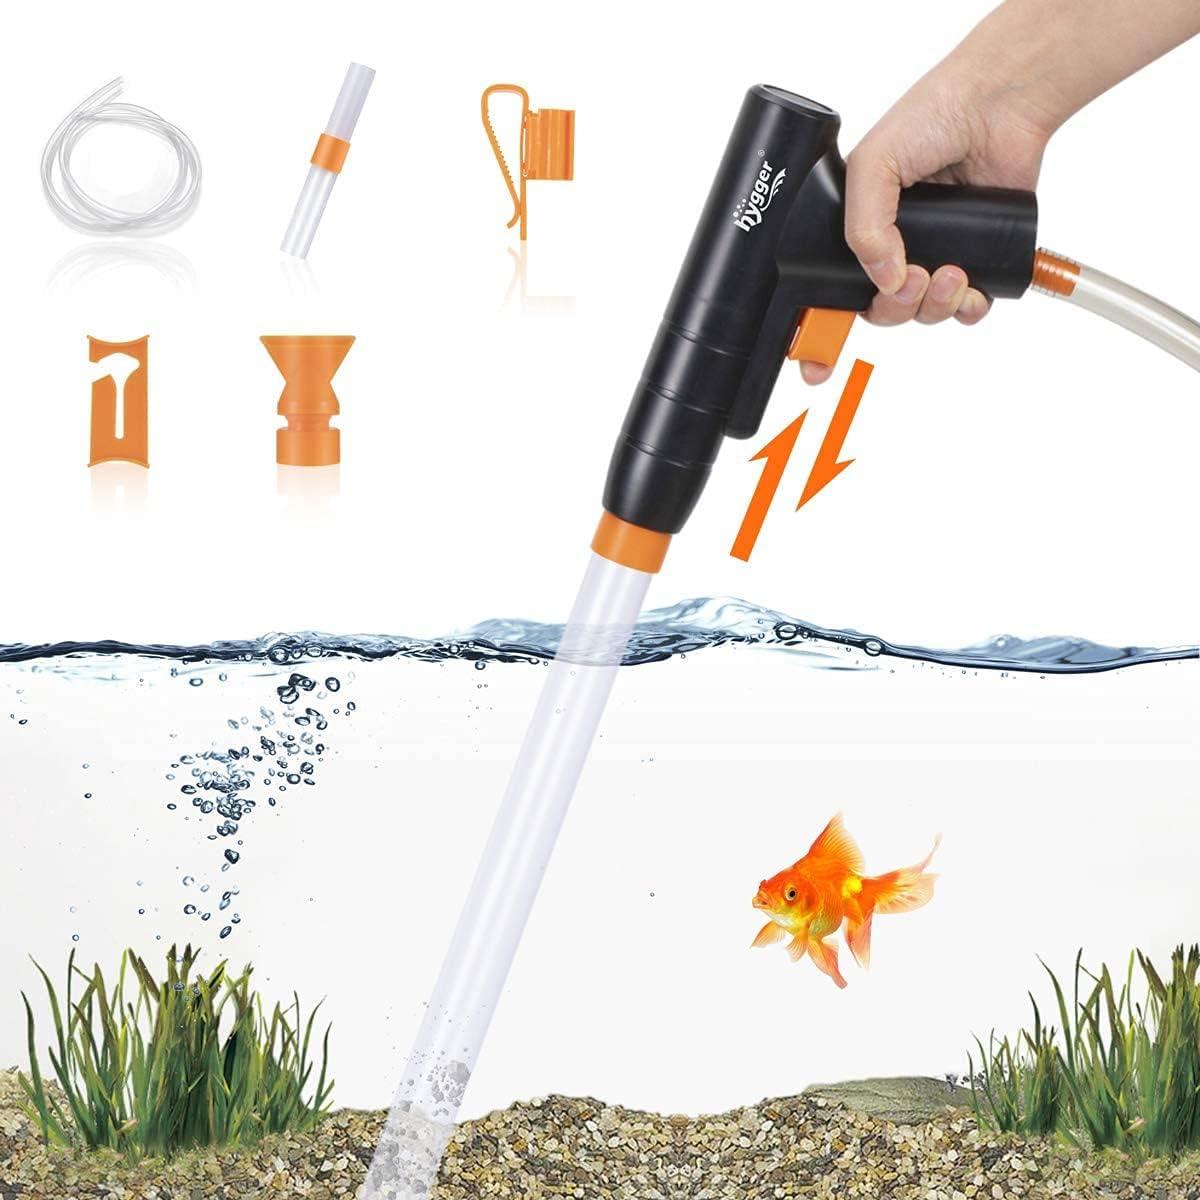 hygger Multifunzione Acquario Ghiaia Addetto alle Pulizie,Manuale Rapidamente Changer Acqua e Lavaggio di Sabbia Kit,Sifone Aspirapolvere con Morsetto del Controller del Tubo Flessibile dell'Acqua